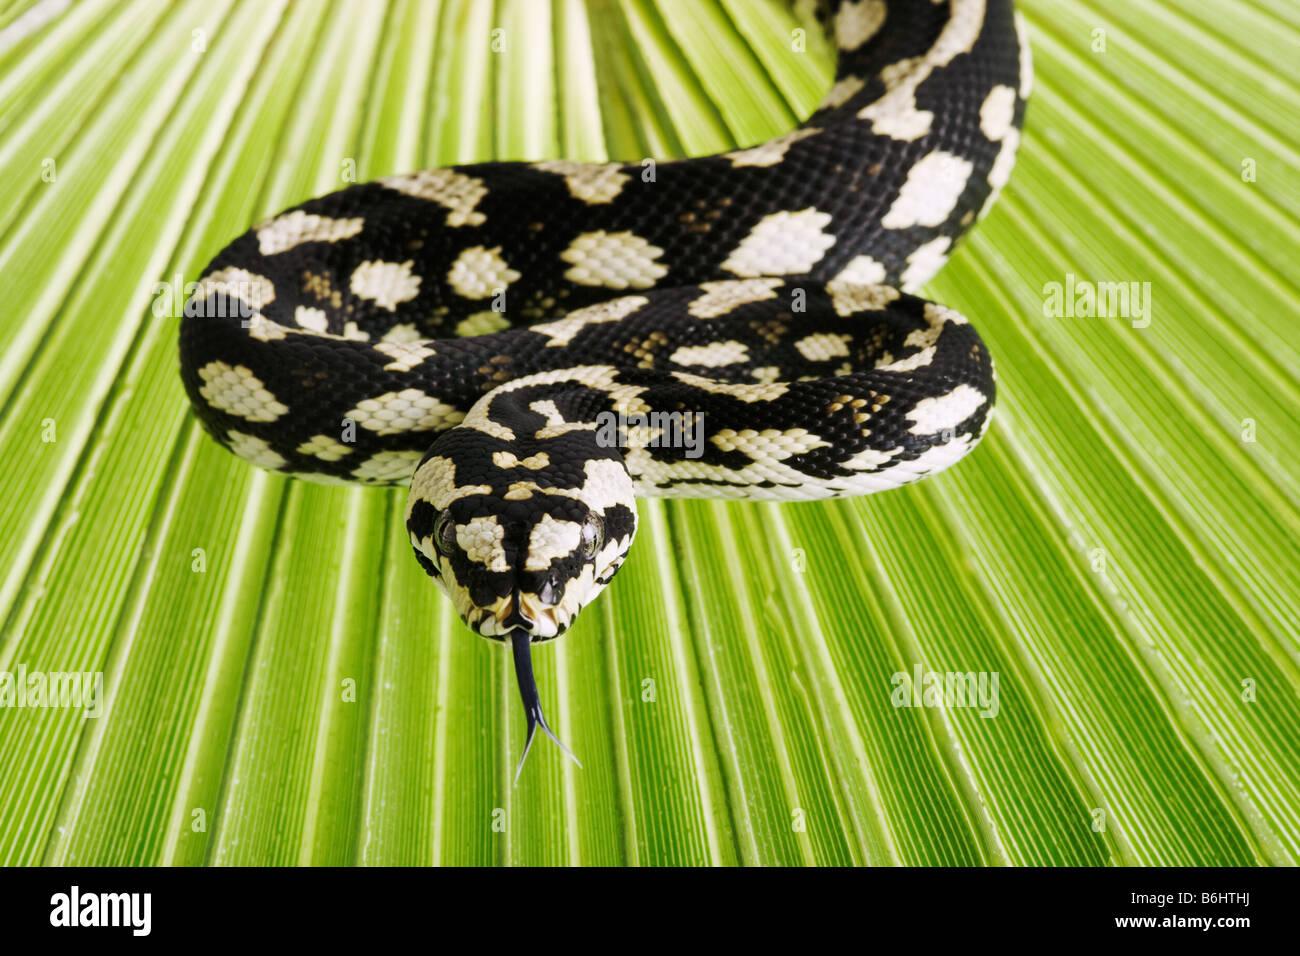 Dschungel Teppich Pythons Morelia Spilota Cheynei nicht giftige Python Arten im Regenwald Gebiete Australien Stockbild